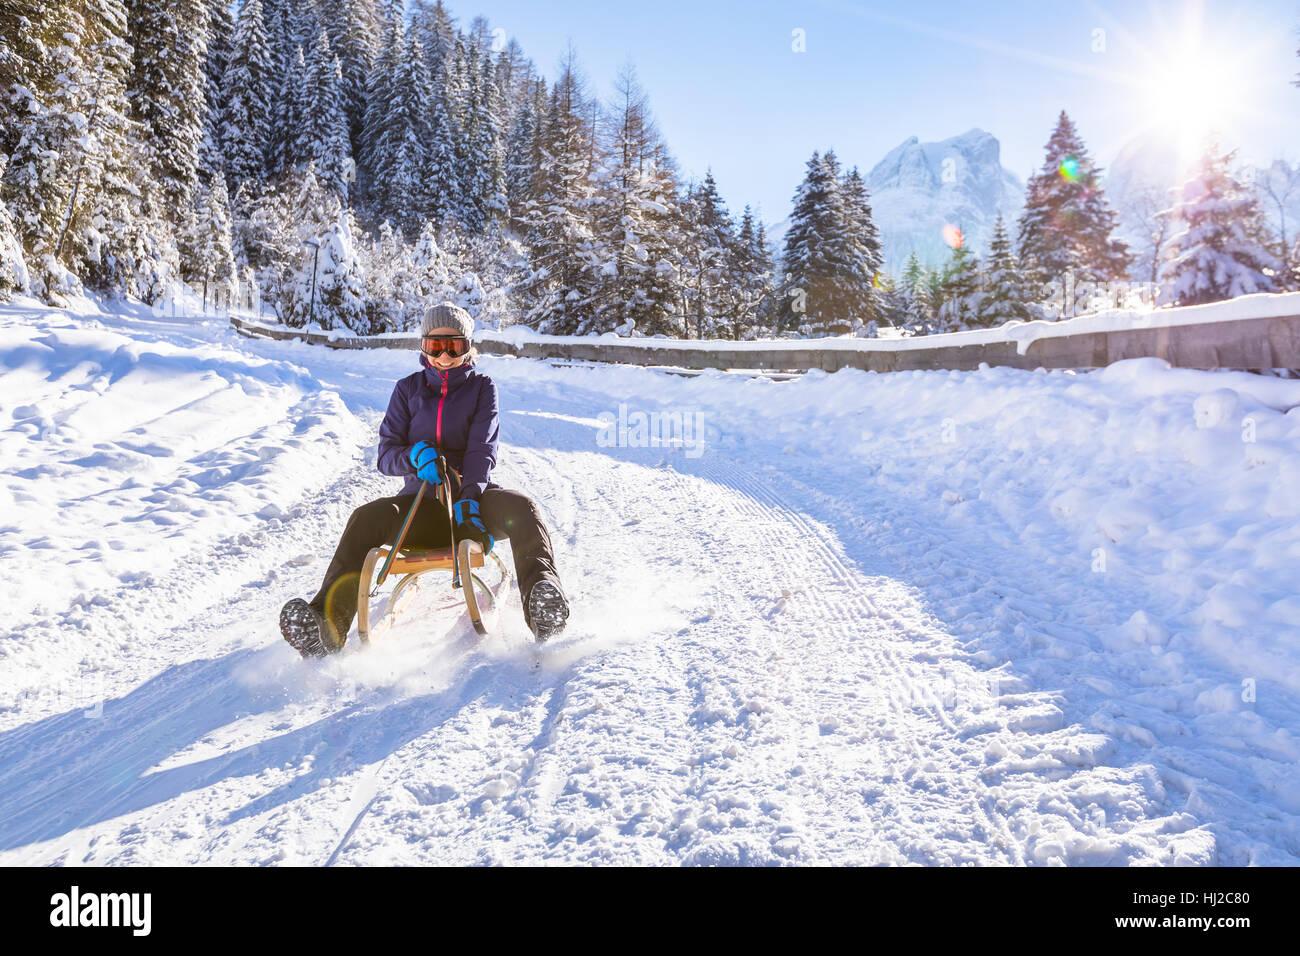 Allegro ragazza in sella a una slitta in discesa su una coperta di neve pista per slittino in un bianco inverno Immagini Stock